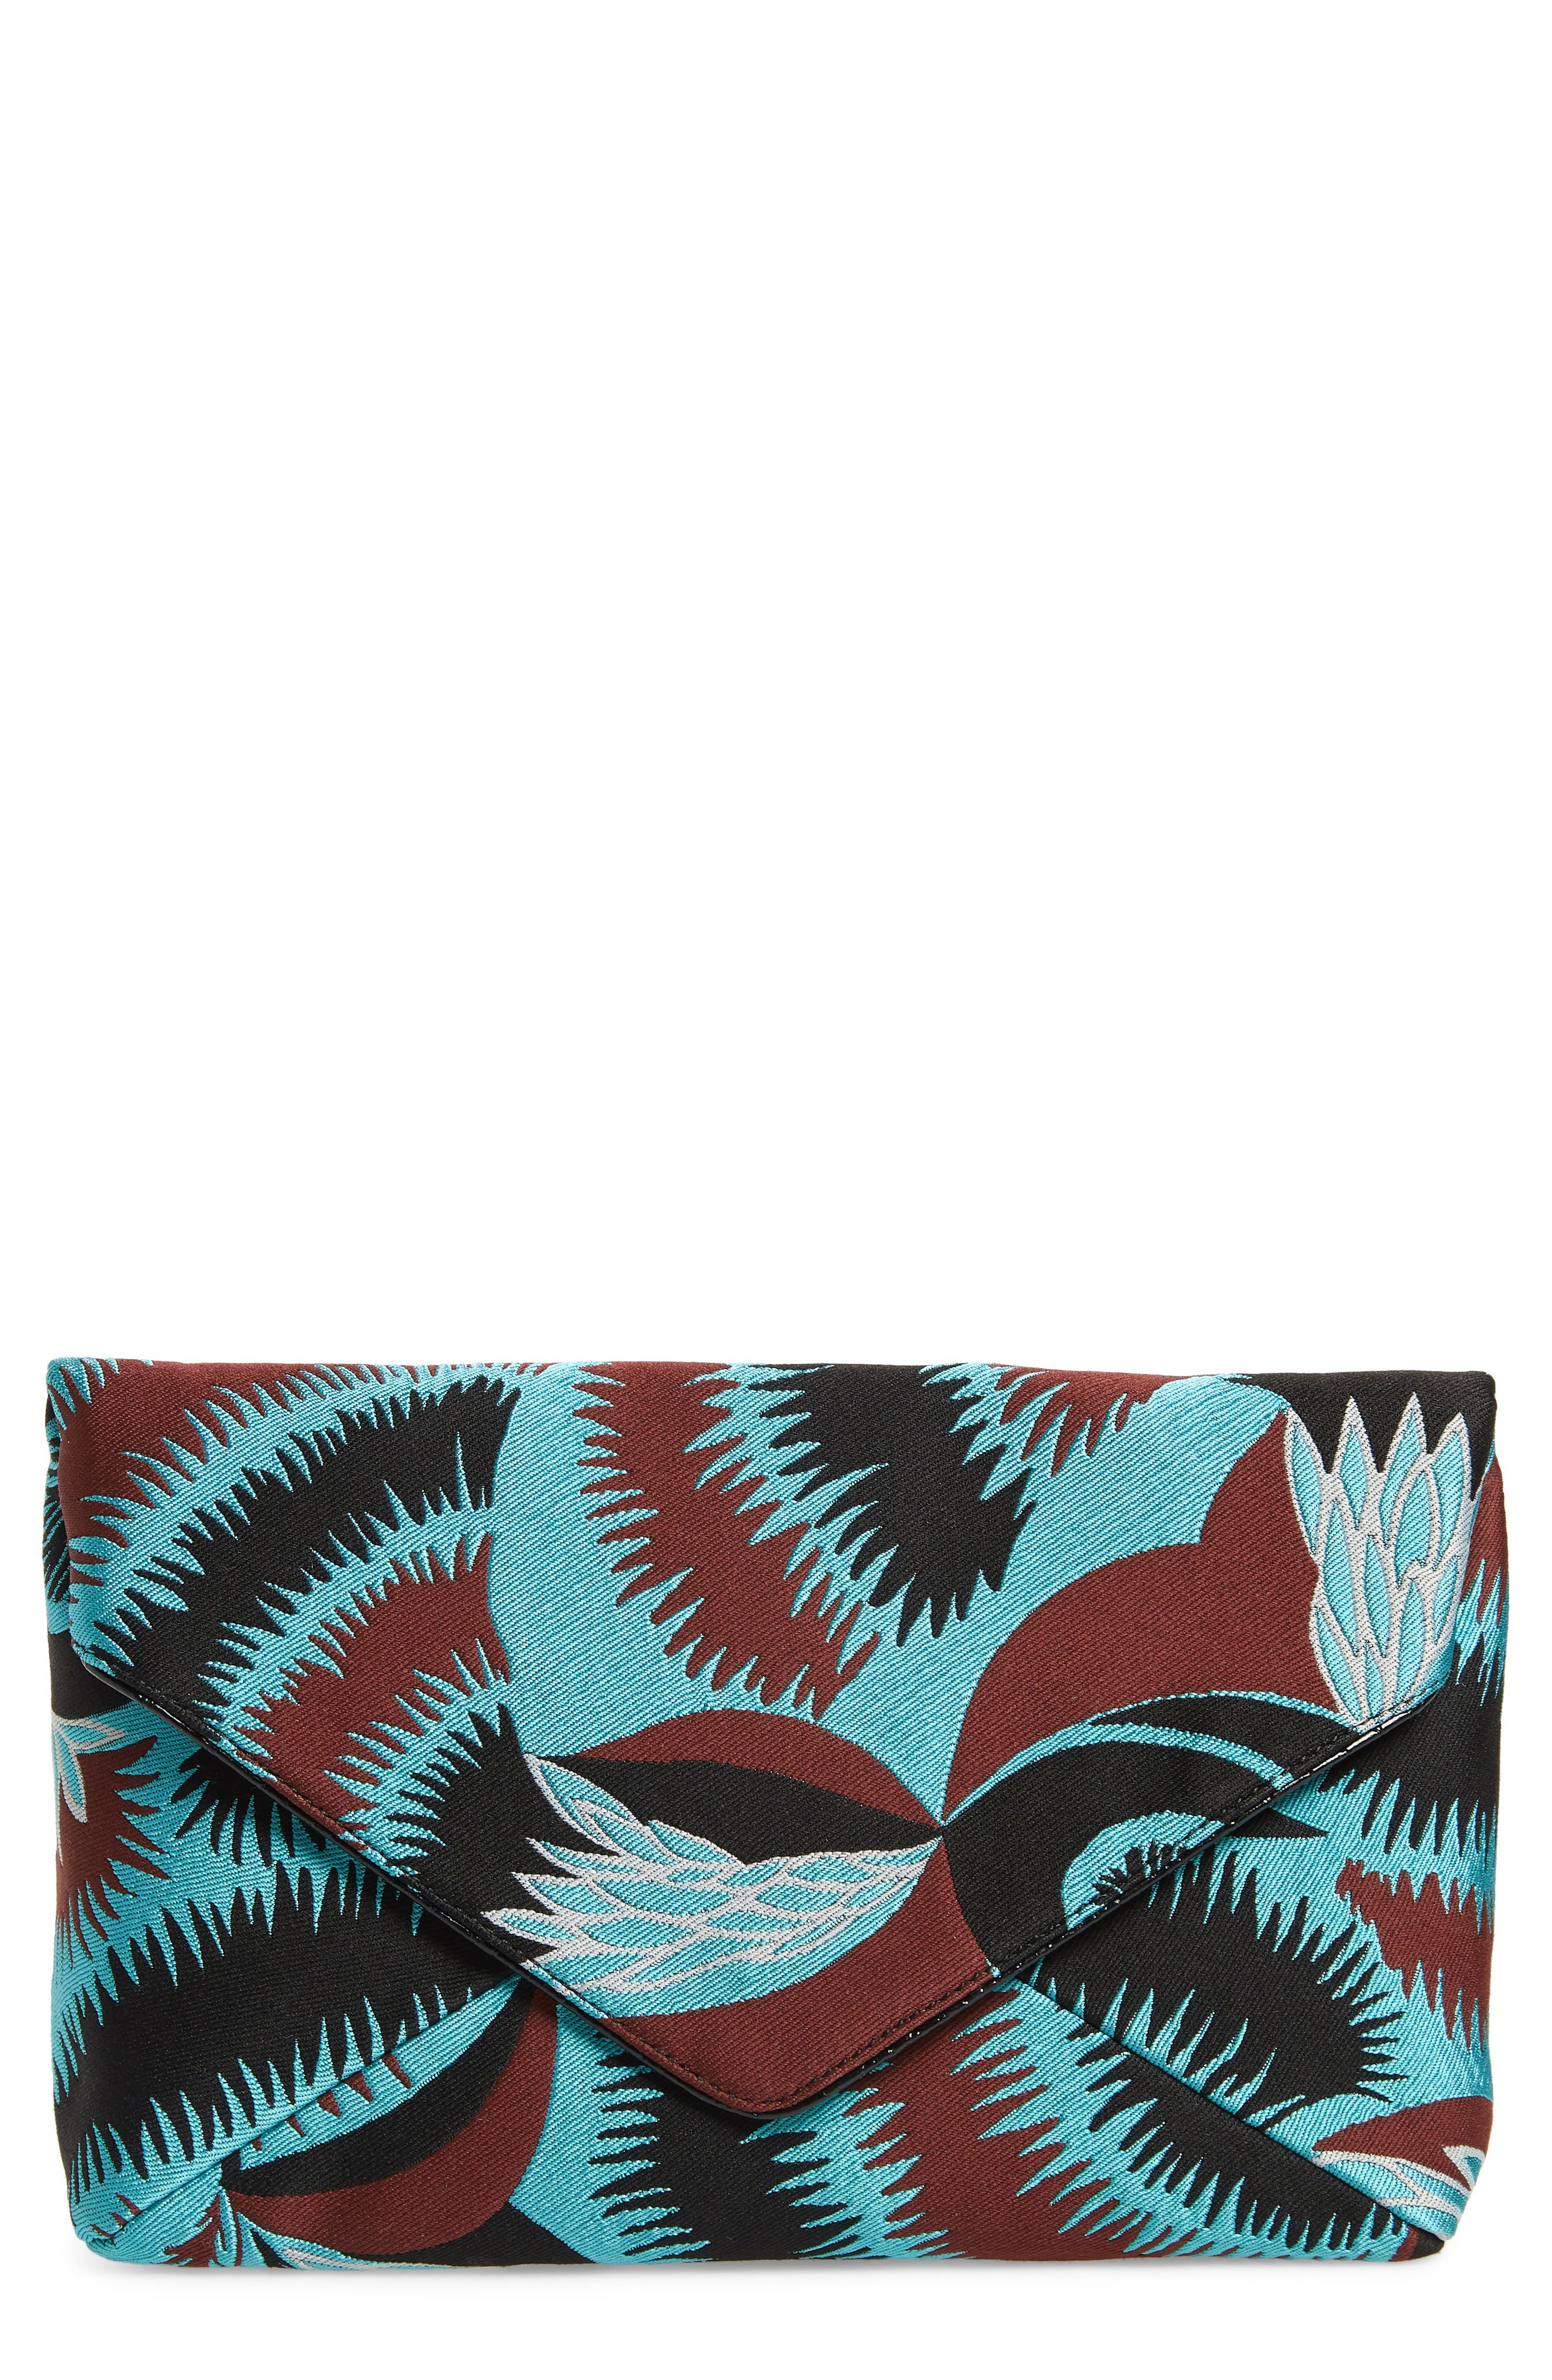 Floral Jacquard Envelope Clutch,                         Main,                         color, TURQUOISE